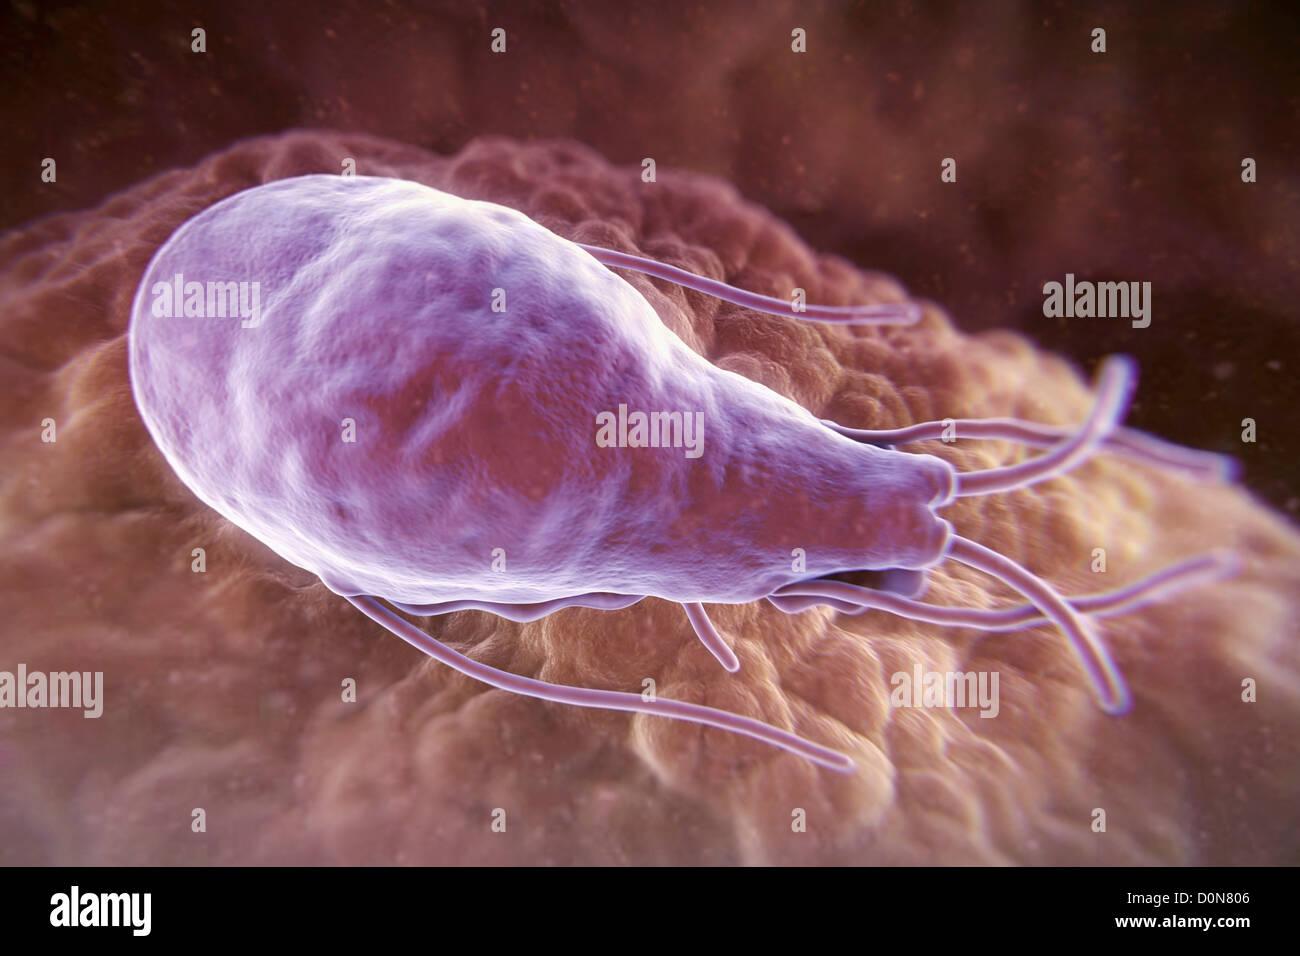 паразиты в печени симптомы лечение